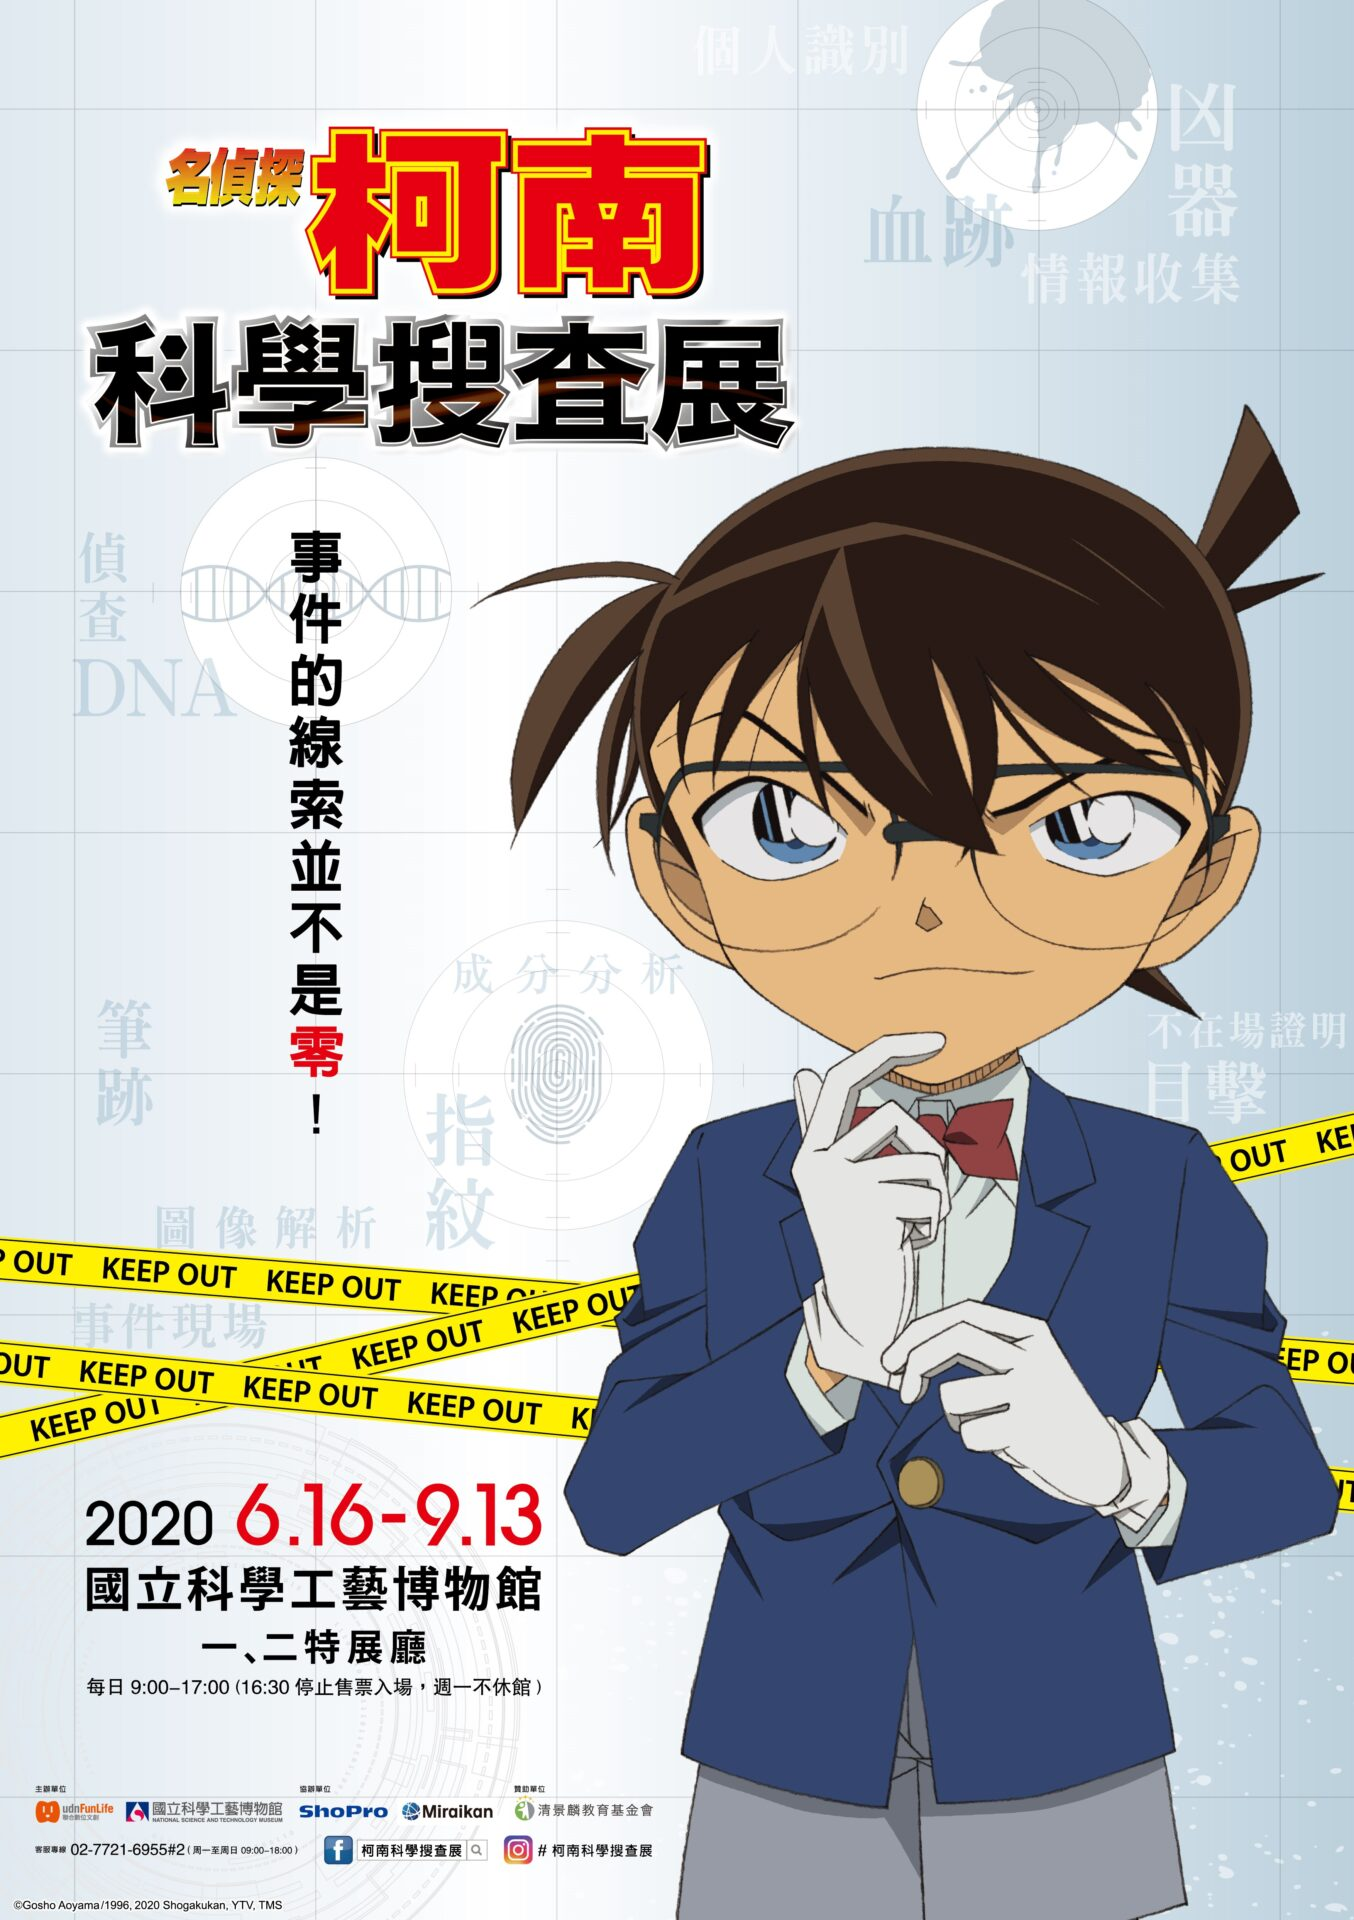 國立科學工藝博物館:2020/06/16-2020/09/13【名偵探柯南 科學搜查展】